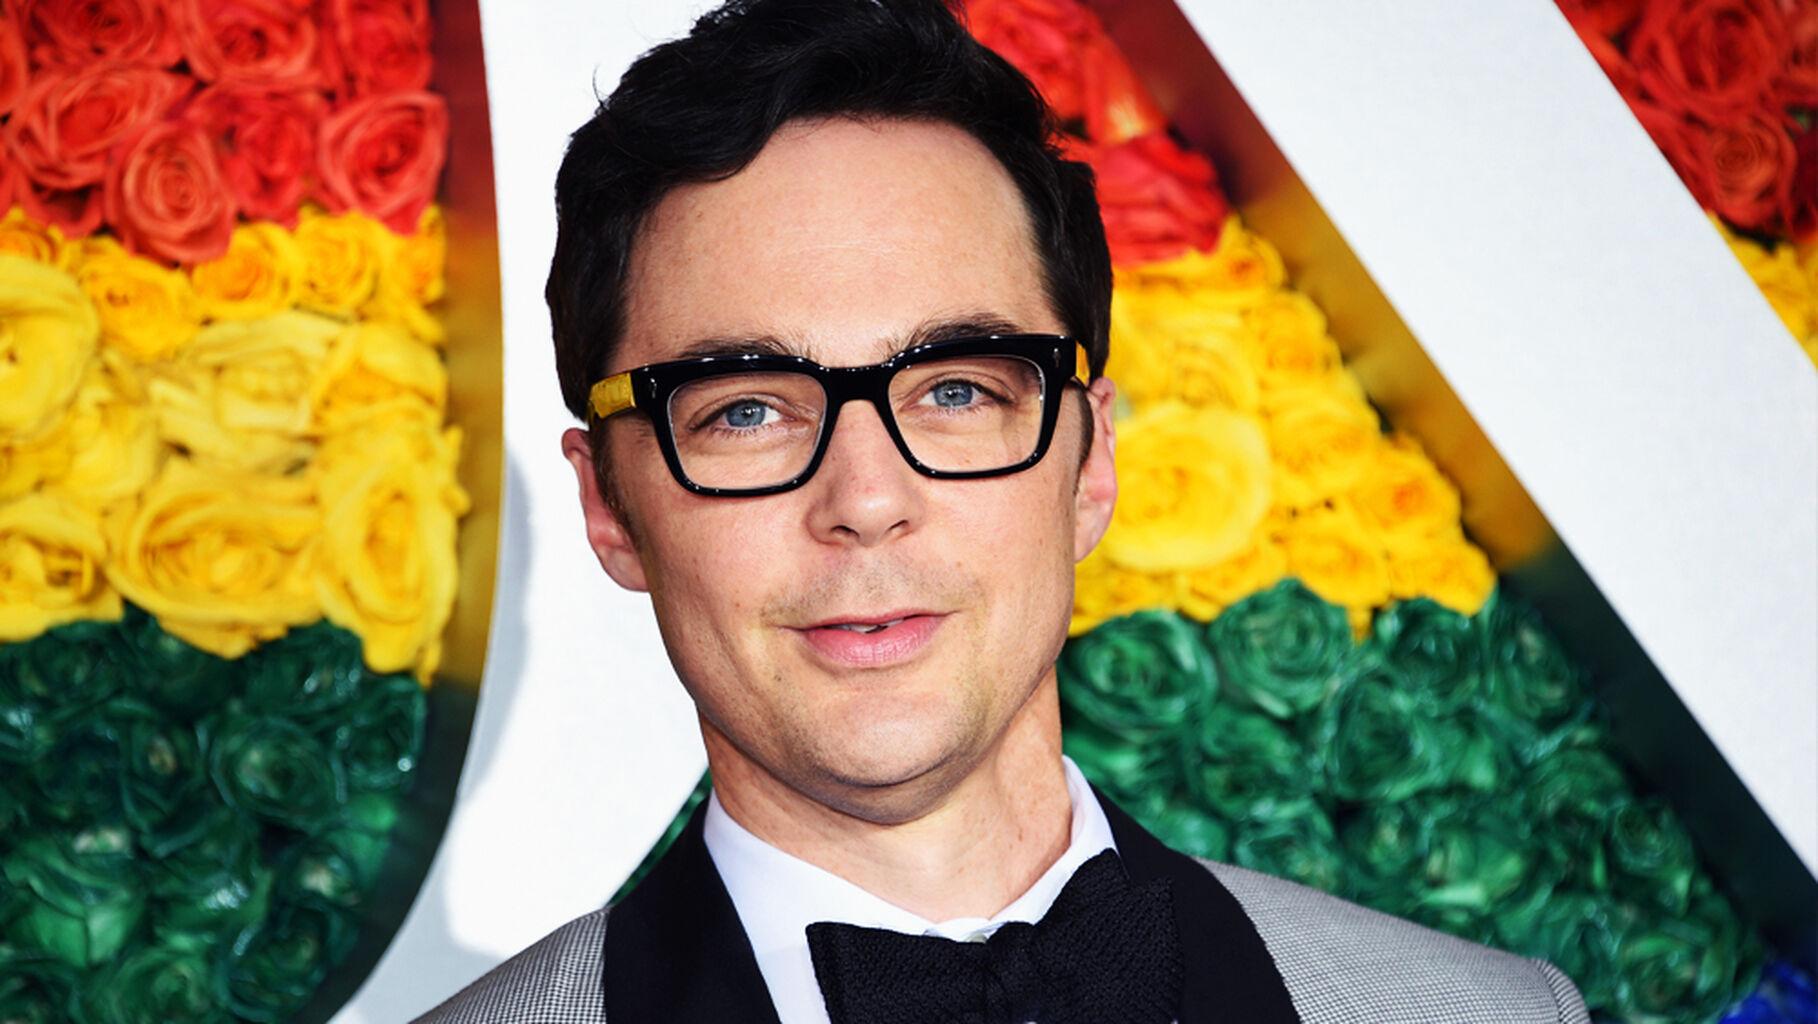 La nueva serie de Jim Parsons después de Big Bang Theory